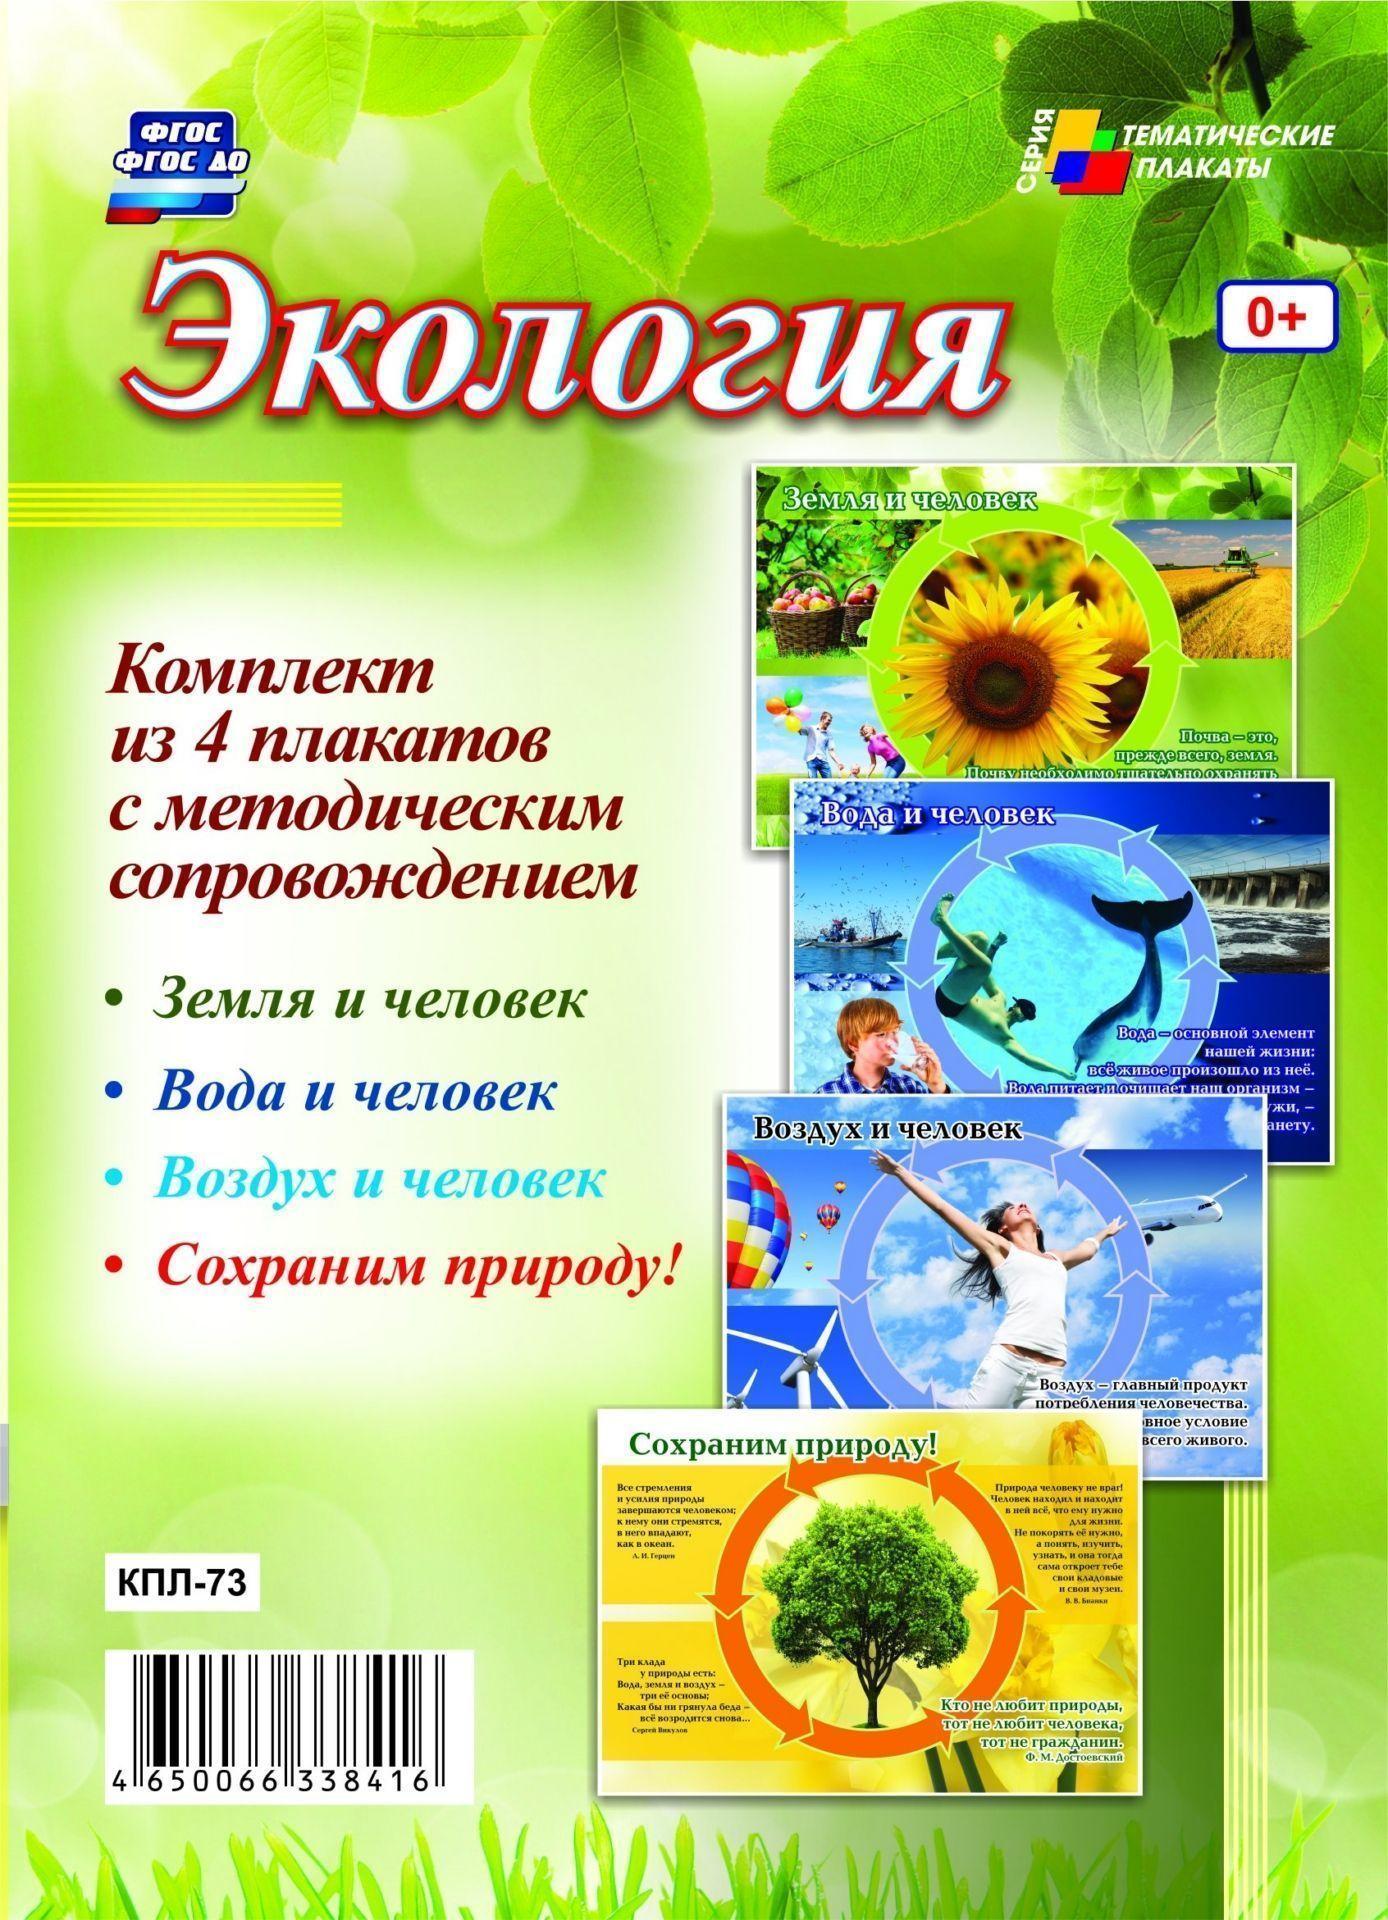 Комплект плакатов Экология: 4 плаката с методическим сопровождениемТематические плакаты<br>.<br><br>Год: 2017<br>Серия: Тематические плакаты<br>Высота: 297<br>Ширина: 420